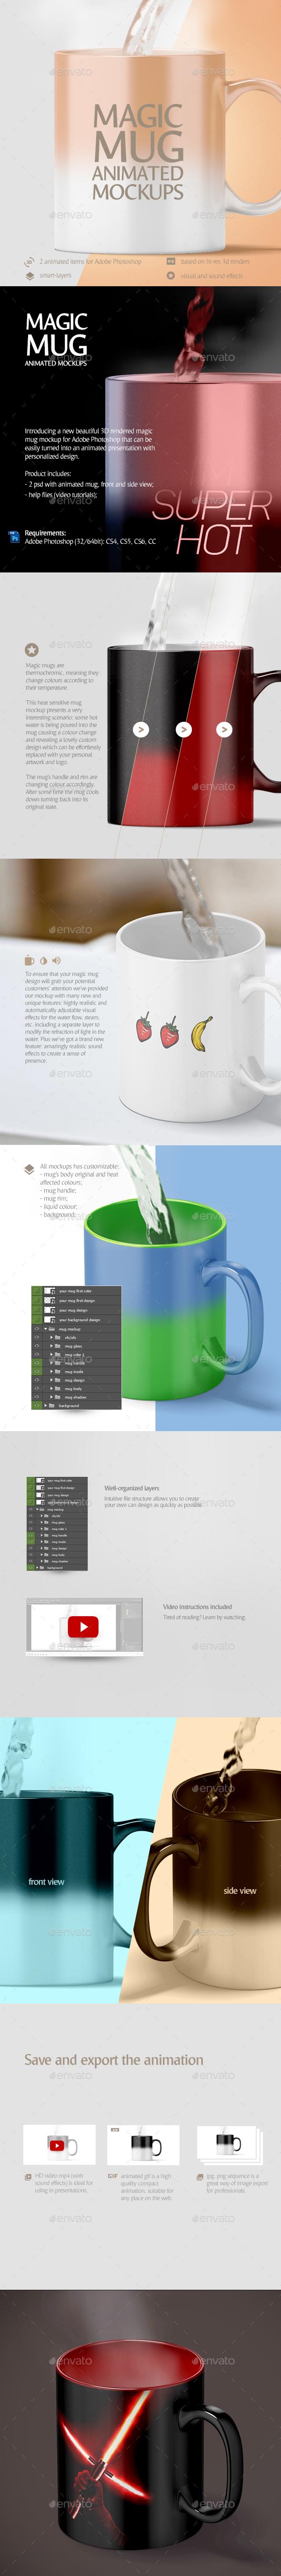 Magic Mug Animated Mockup - Stationery Print